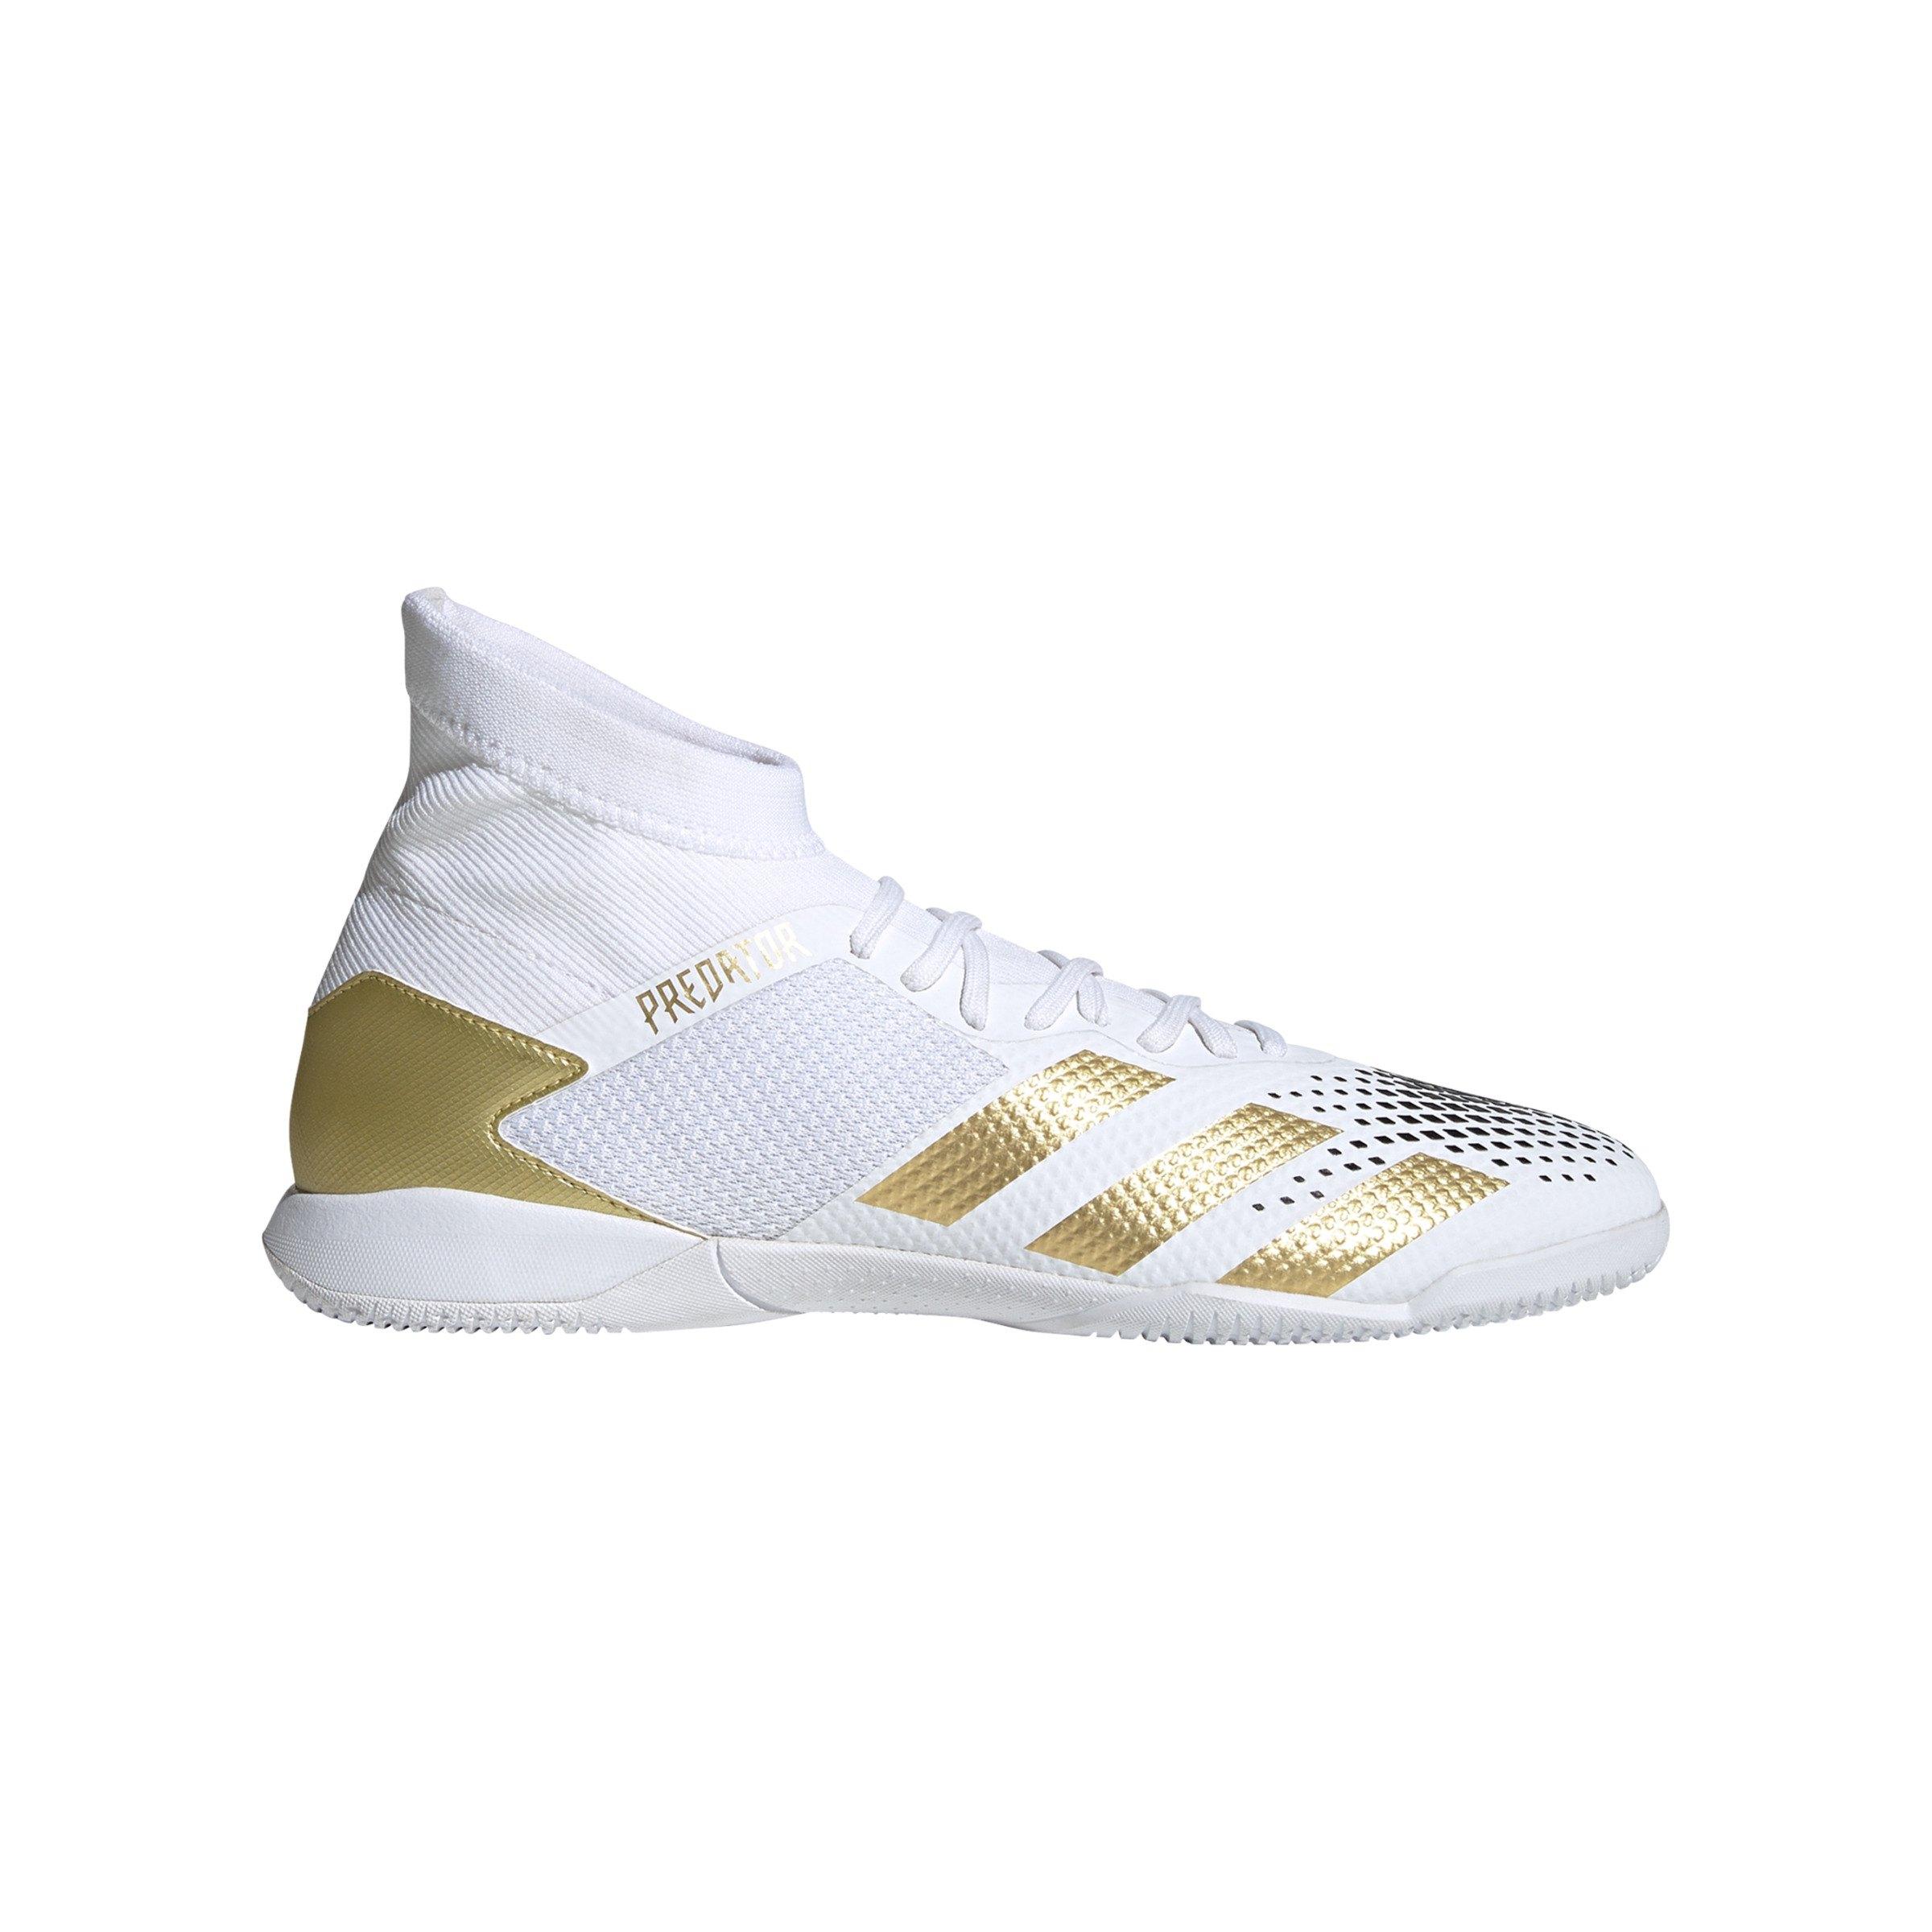 adidas Predator Inflight 20.3 IN Halle Weiss Gold - weiss